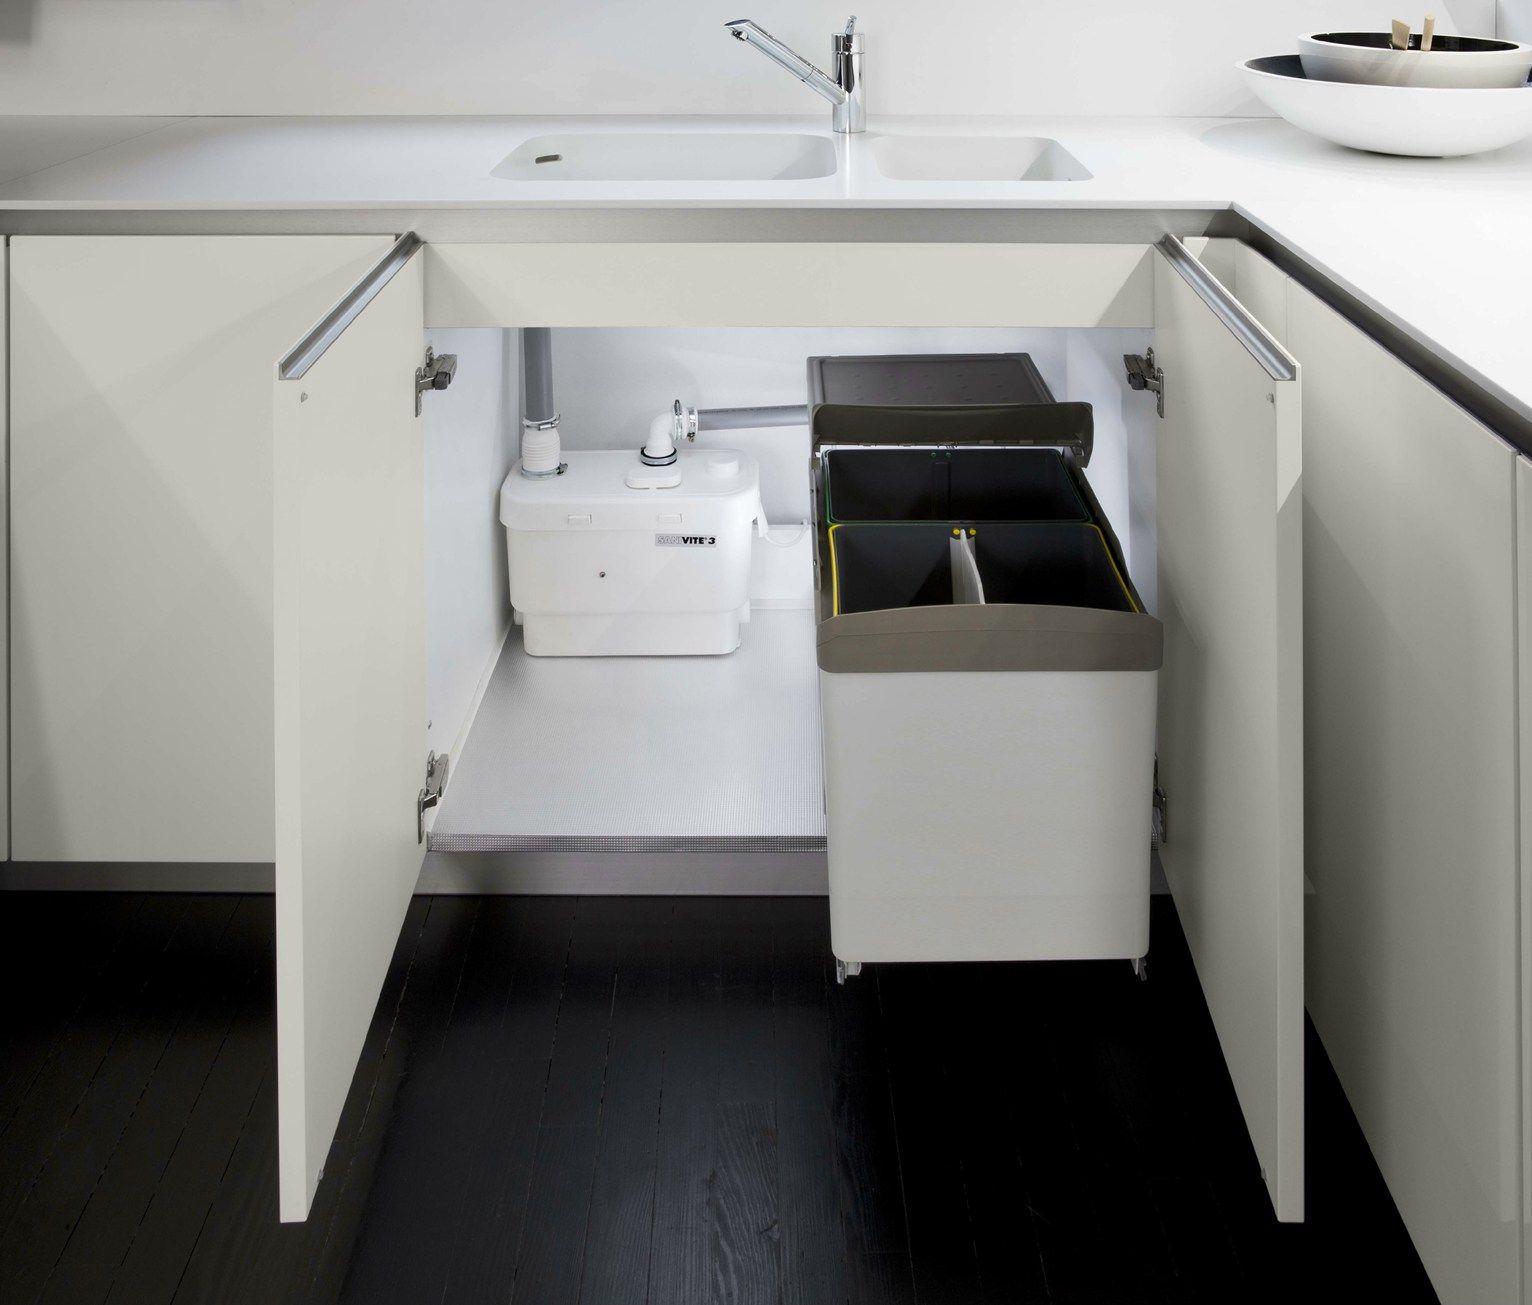 Sanivite di sanitrit la pompa per acque chiare che ottimizza gli spazi - Scarico cucina intasato ...